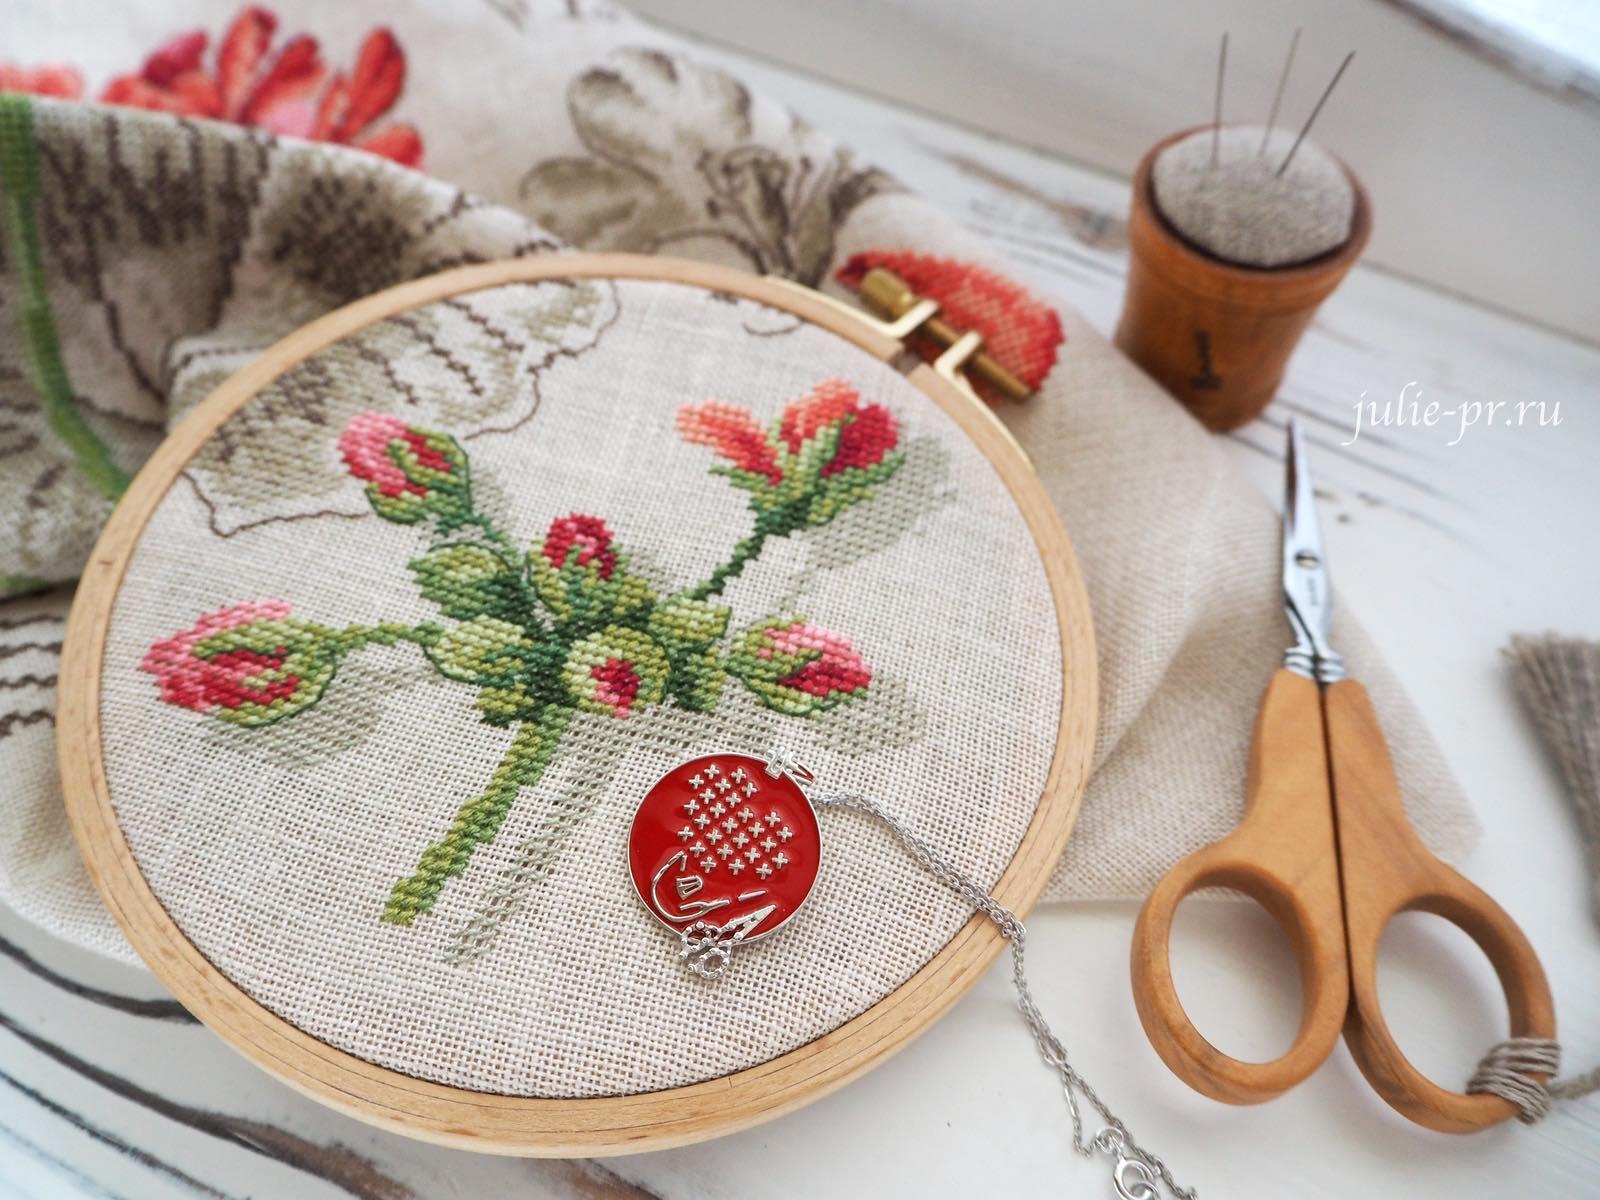 ботаника, вышивка крестом, французская вышивка, Veronique Enginger, Les brodeuses parisiennes, герань, парижские вышивальщицы